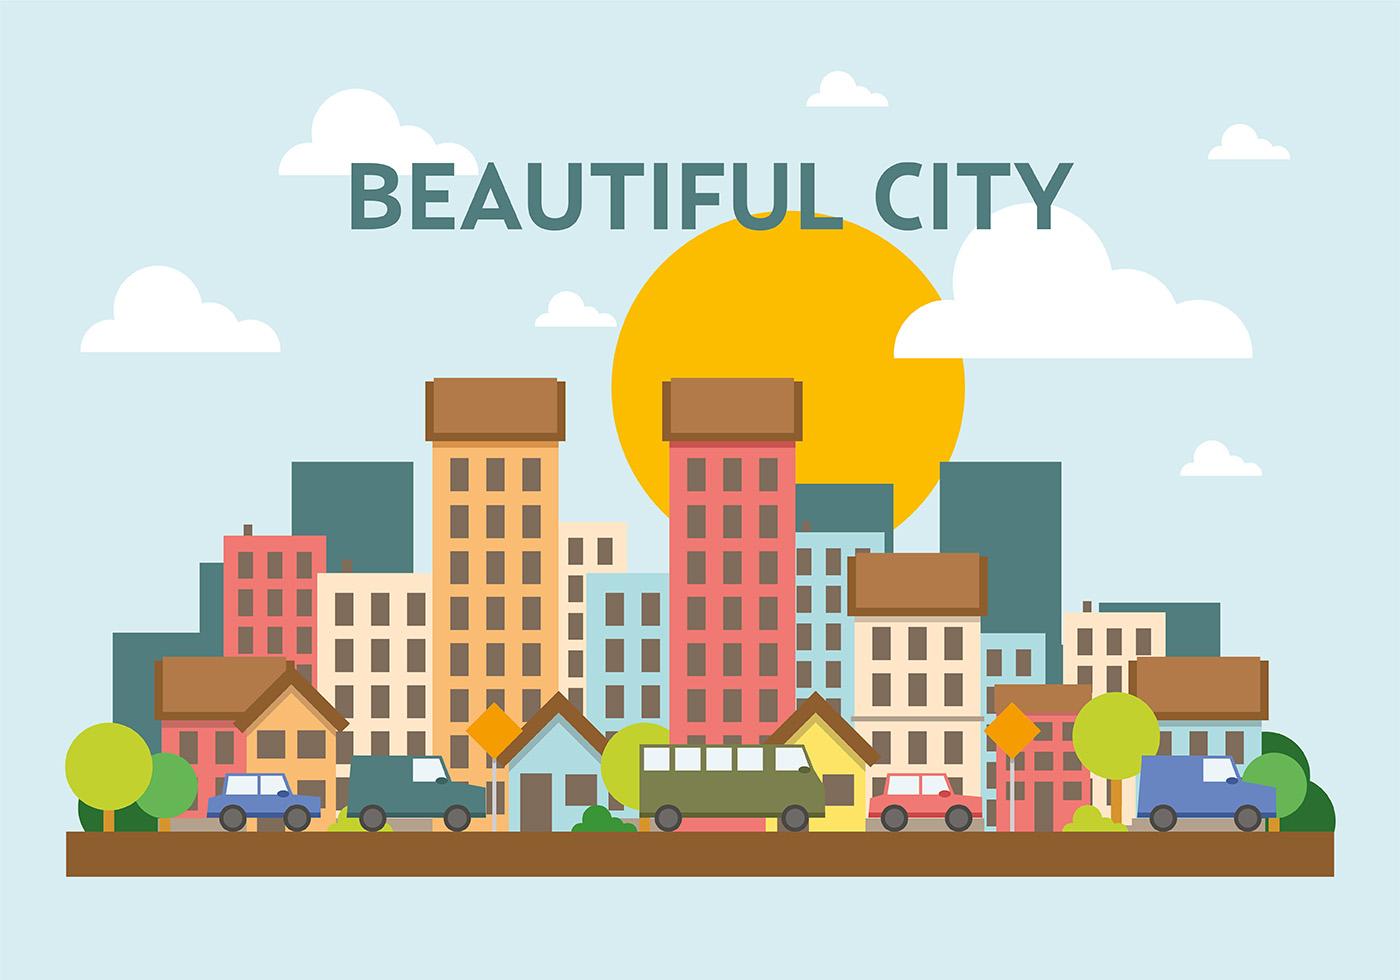 城市素材 免費下載 | 天天瘋後製